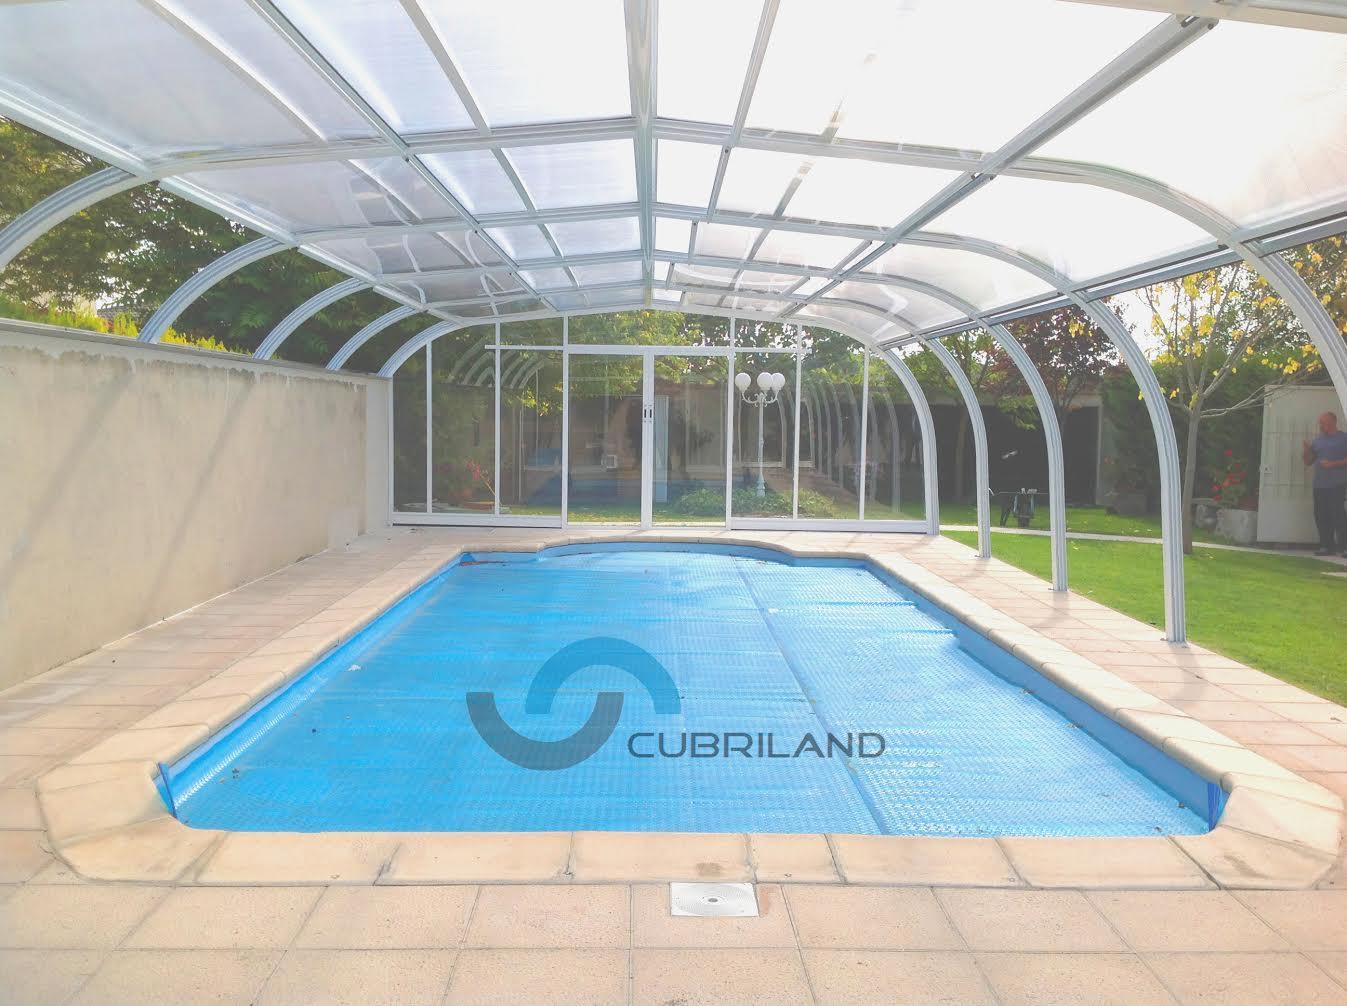 cubiertas para piscinas en madrid cubriland